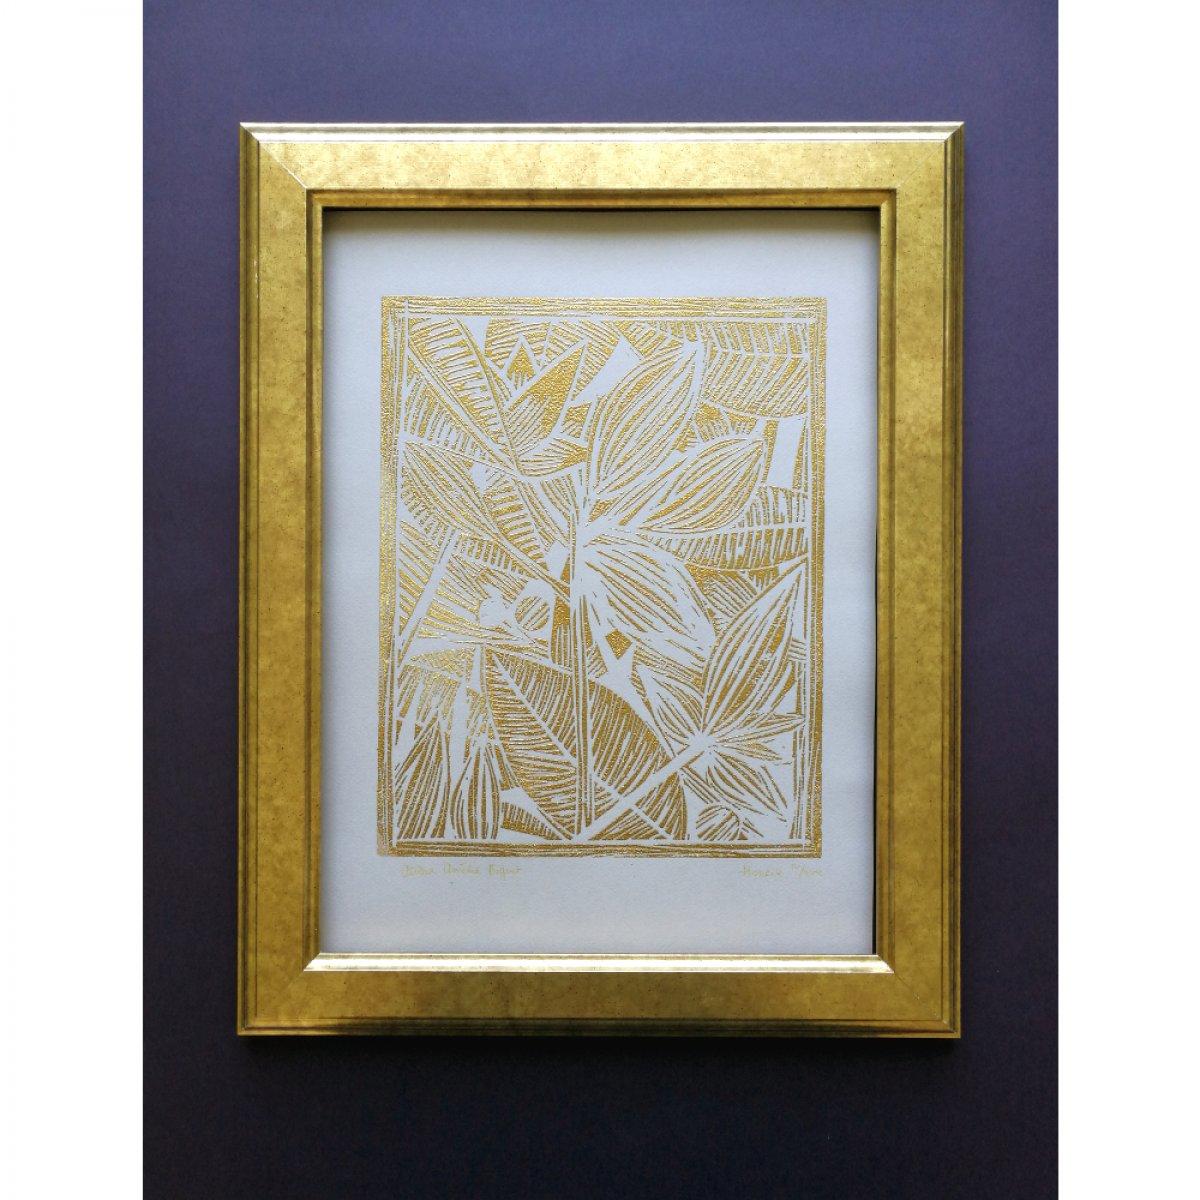 Houria, Linogravure sur papier Canson 160 grammes, gravée à main levée, imprimée à la main puis embossée à chaud. Disponible en deux versions: sur papier bleu ou gris.